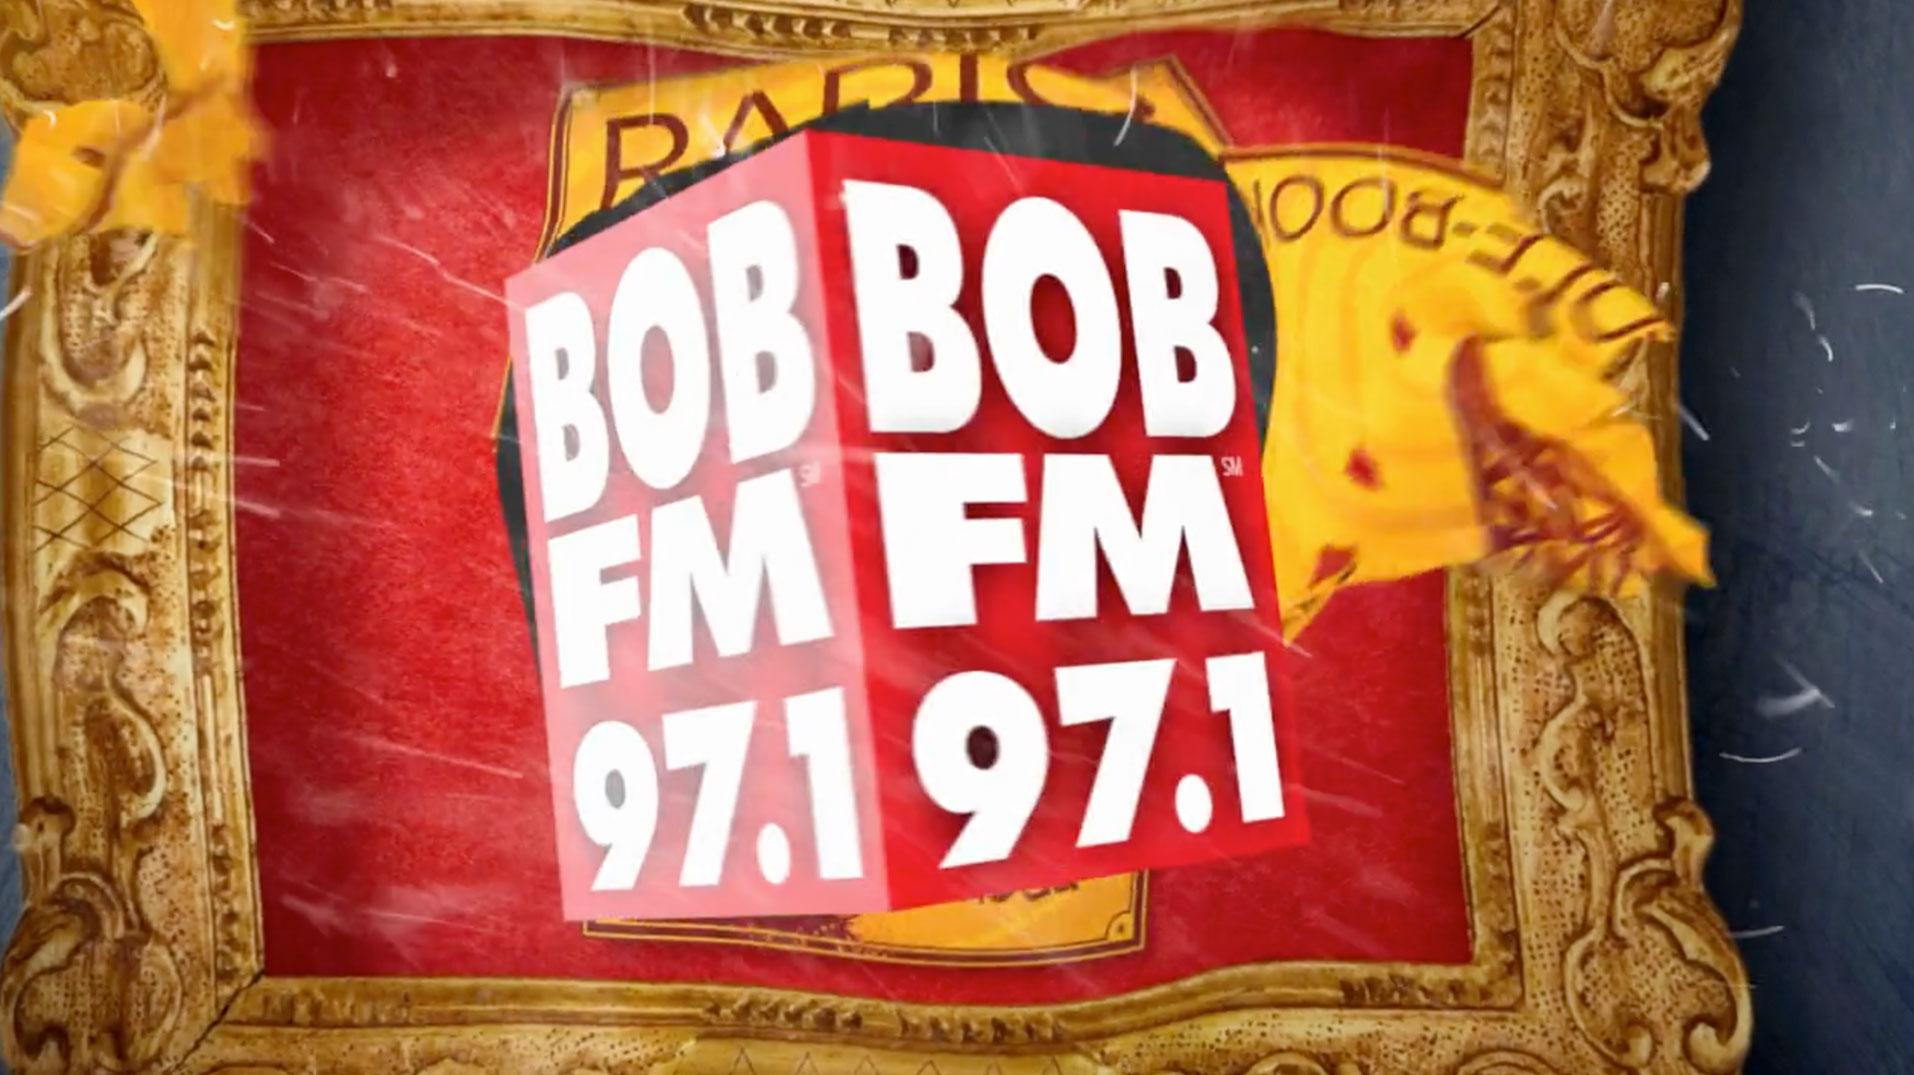 tv for radio reg brand imaging for broadcasters kibb 97 1 bob fm